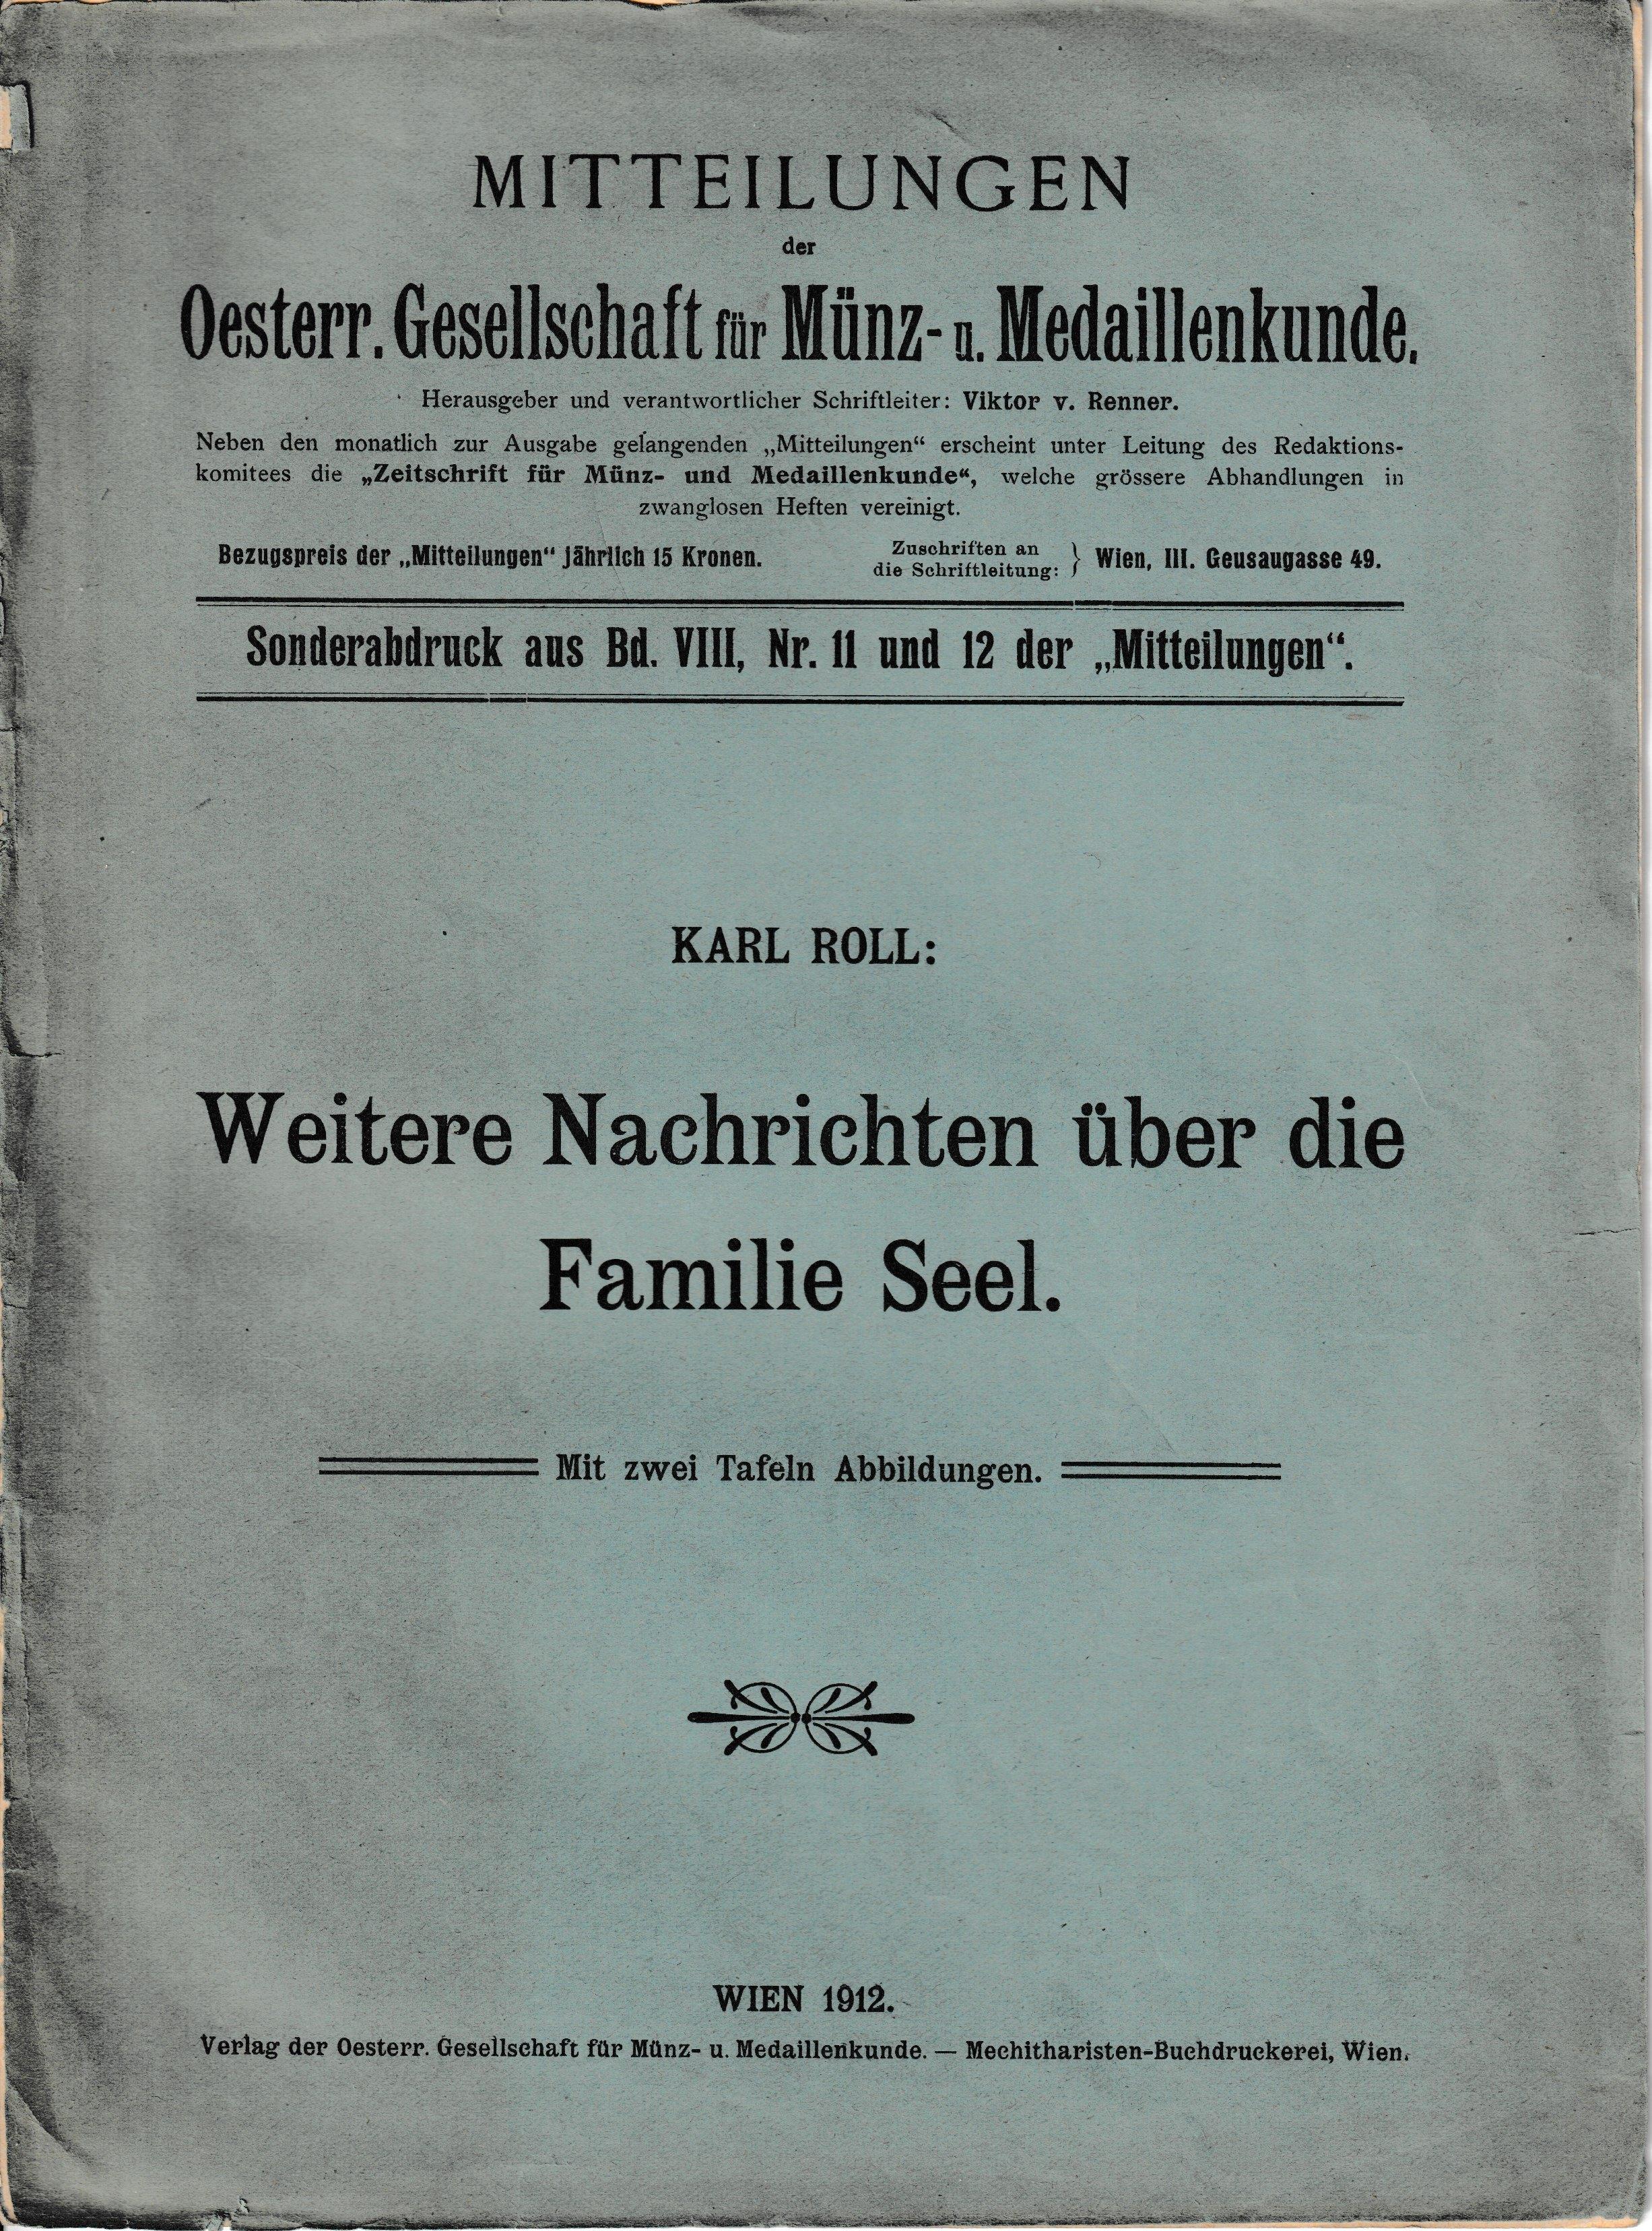 karl roll  weitere nachrichten über die familie seel -pdf